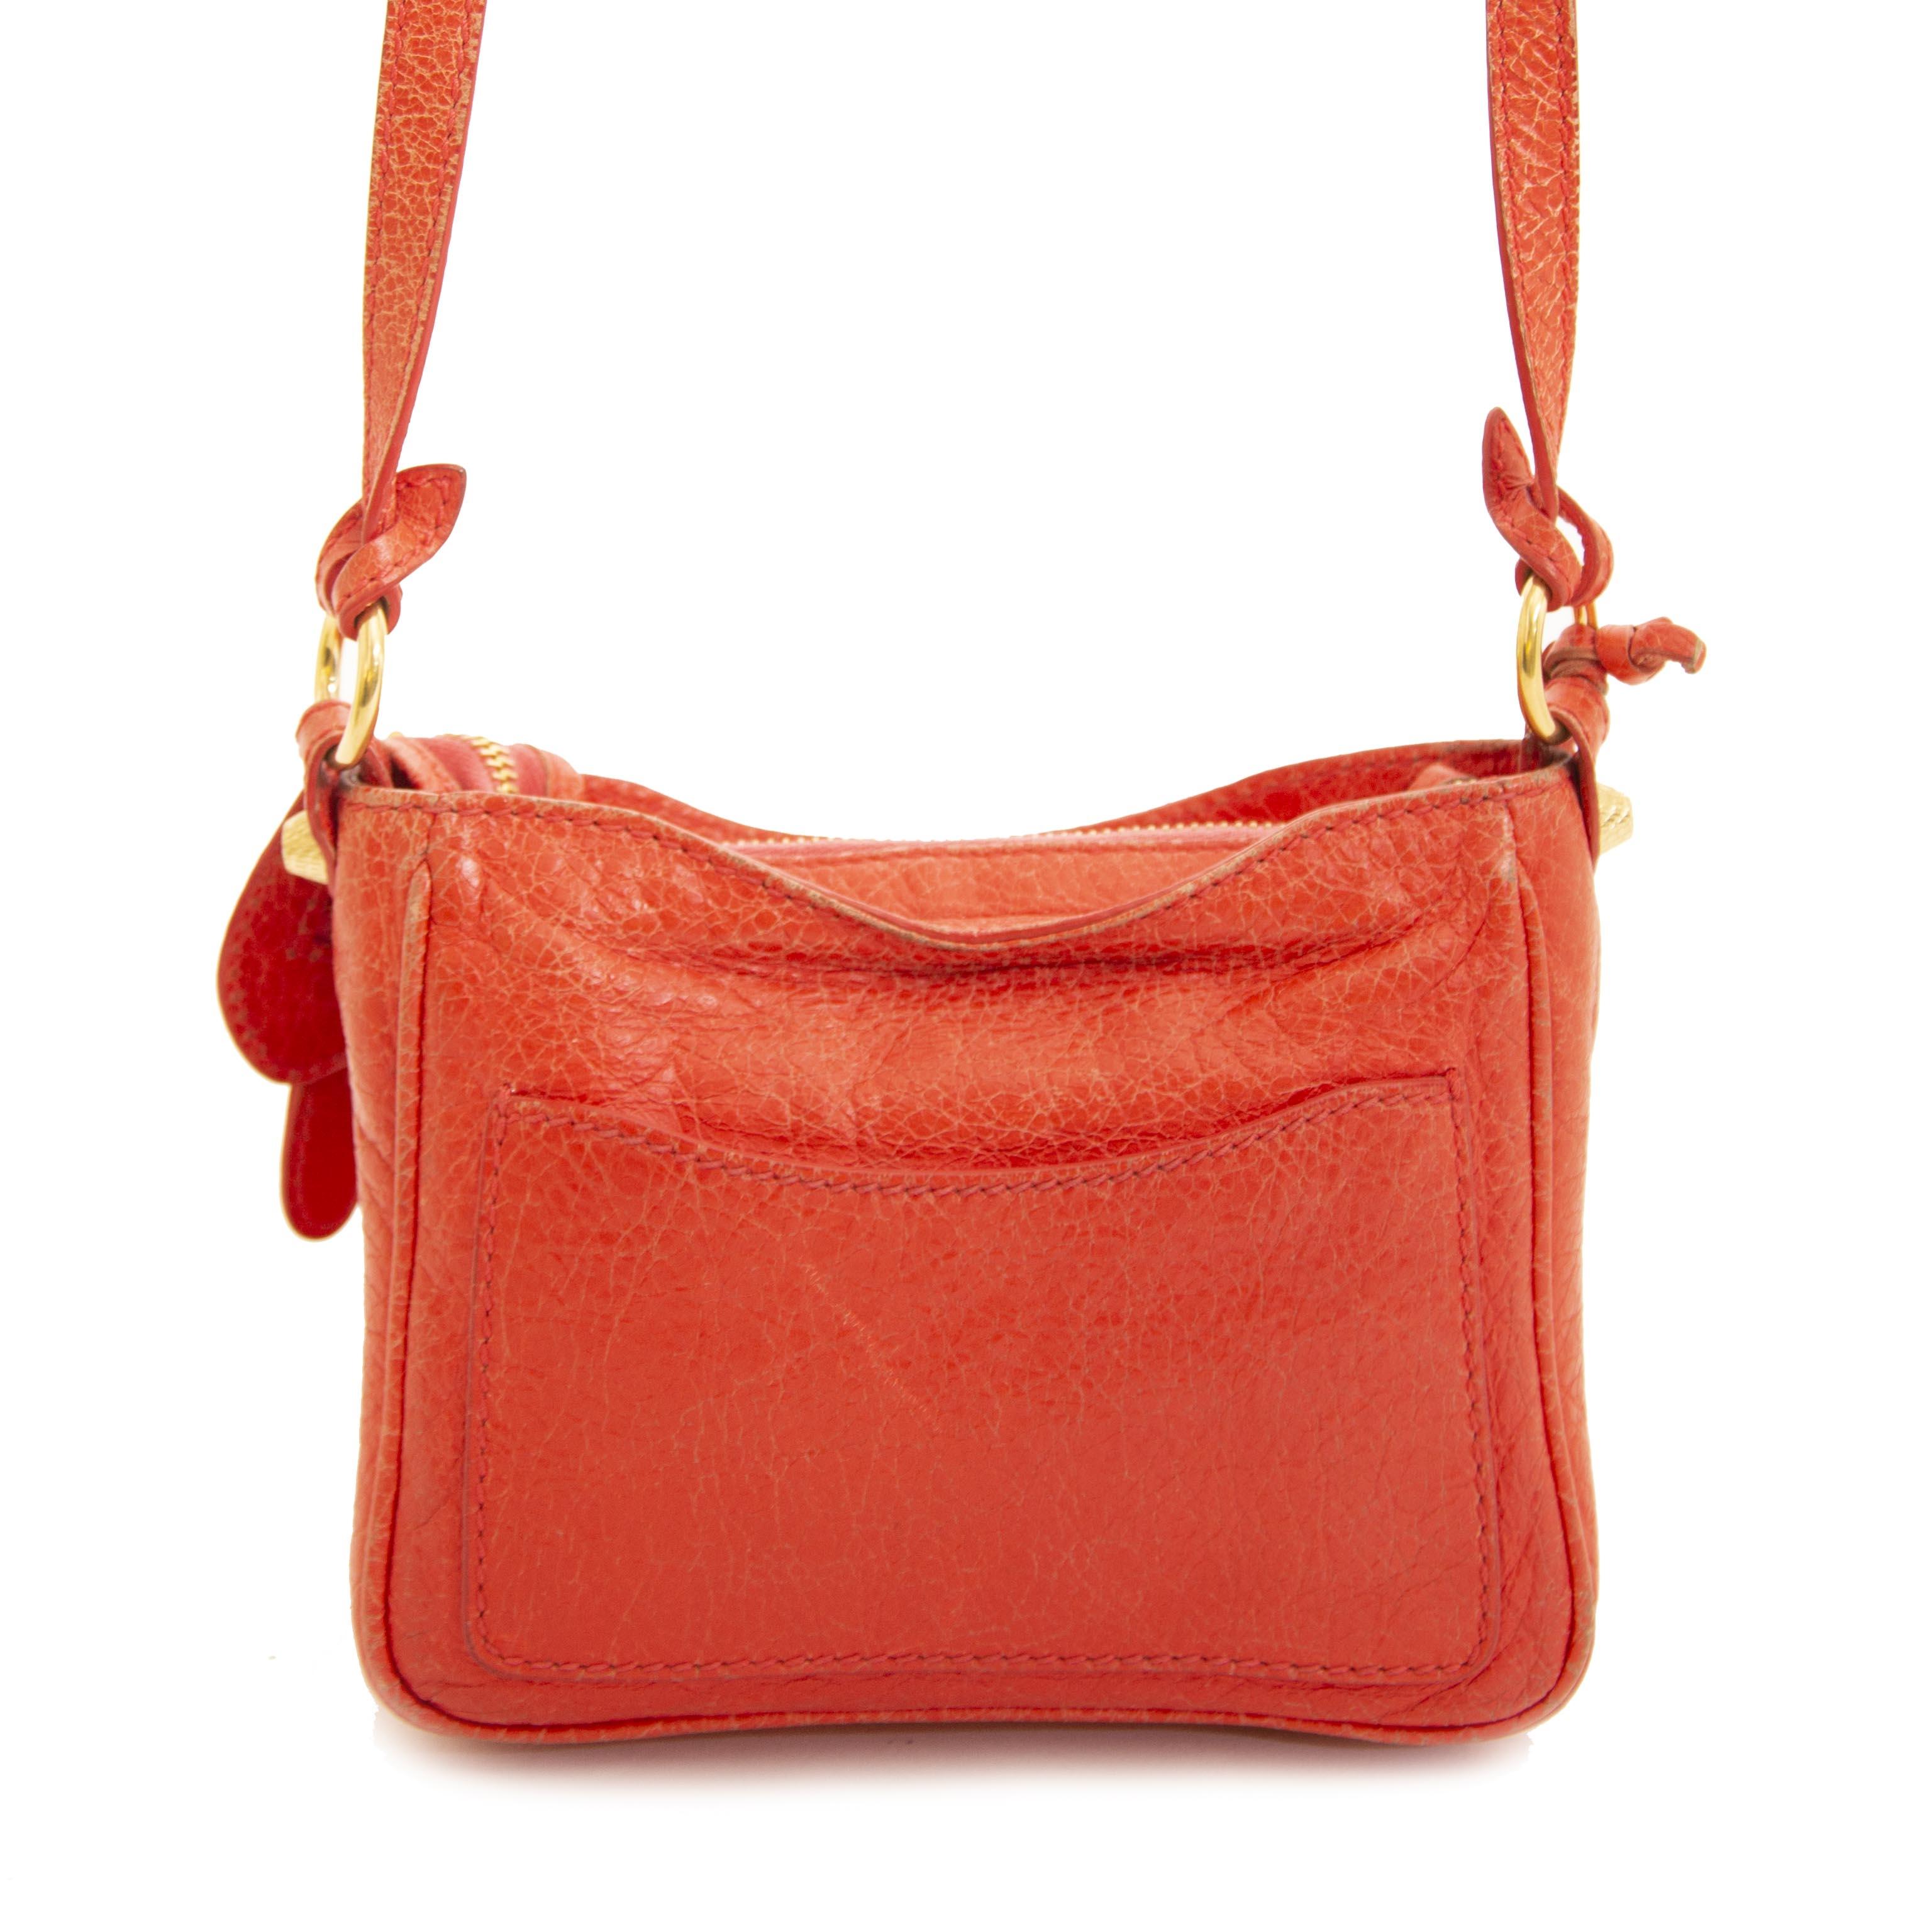 Authentieke tweedehands vintage Balenciaga Nano City Bag Coral bij online webshop LabelLOV